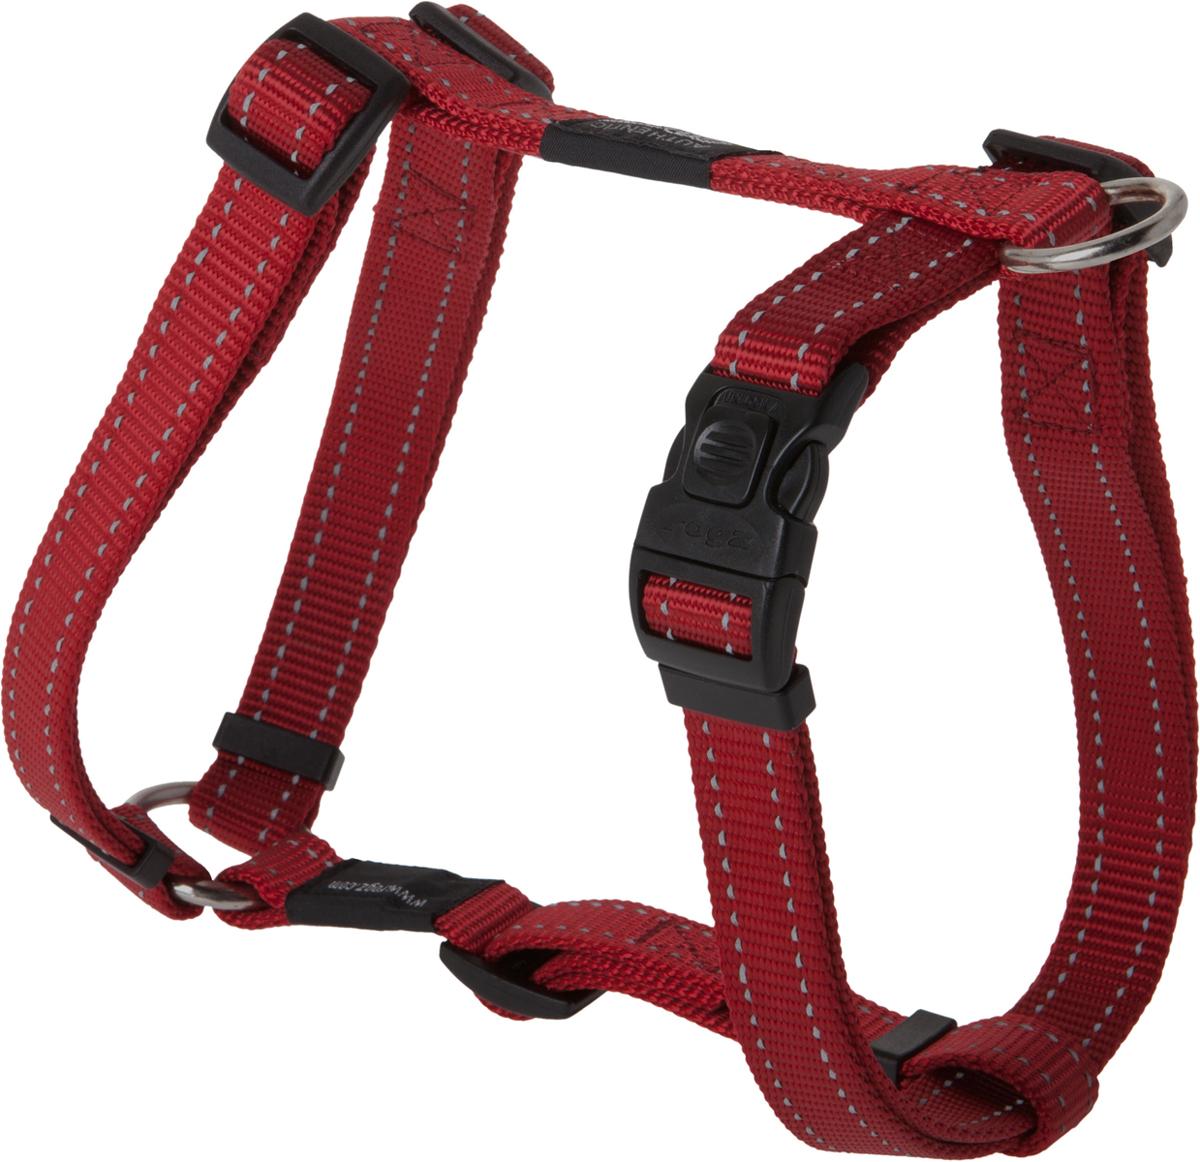 Шлейка для собак Rogz Utility, цвет: красный, ширина 2,5 см. Размер XLSJ05CШлейка для собак Rogz Utility со светоотражающей нитью, вплетенной в нейлоновую ленту, обеспечивает лучшую видимость собаки в темное время суток. Специальная конструкция пряжки Rog Loc - очень крепкая (система Fort Knox). Замок может быть расстегнут только рукой человека. Технология распределения нагрузки позволяет снизить нагрузку на пряжки, изготовленные из титанового пластика, с помощью правильного и разумного расположения грузовых колец, благодаря чему, даже при самых сильных рывках, изделие не рвется и не деформируется.Выполненные специально по заказу ROGZ литые кольца гальванически хромированы, что позволяет избежать коррозии и потускнения изделия.